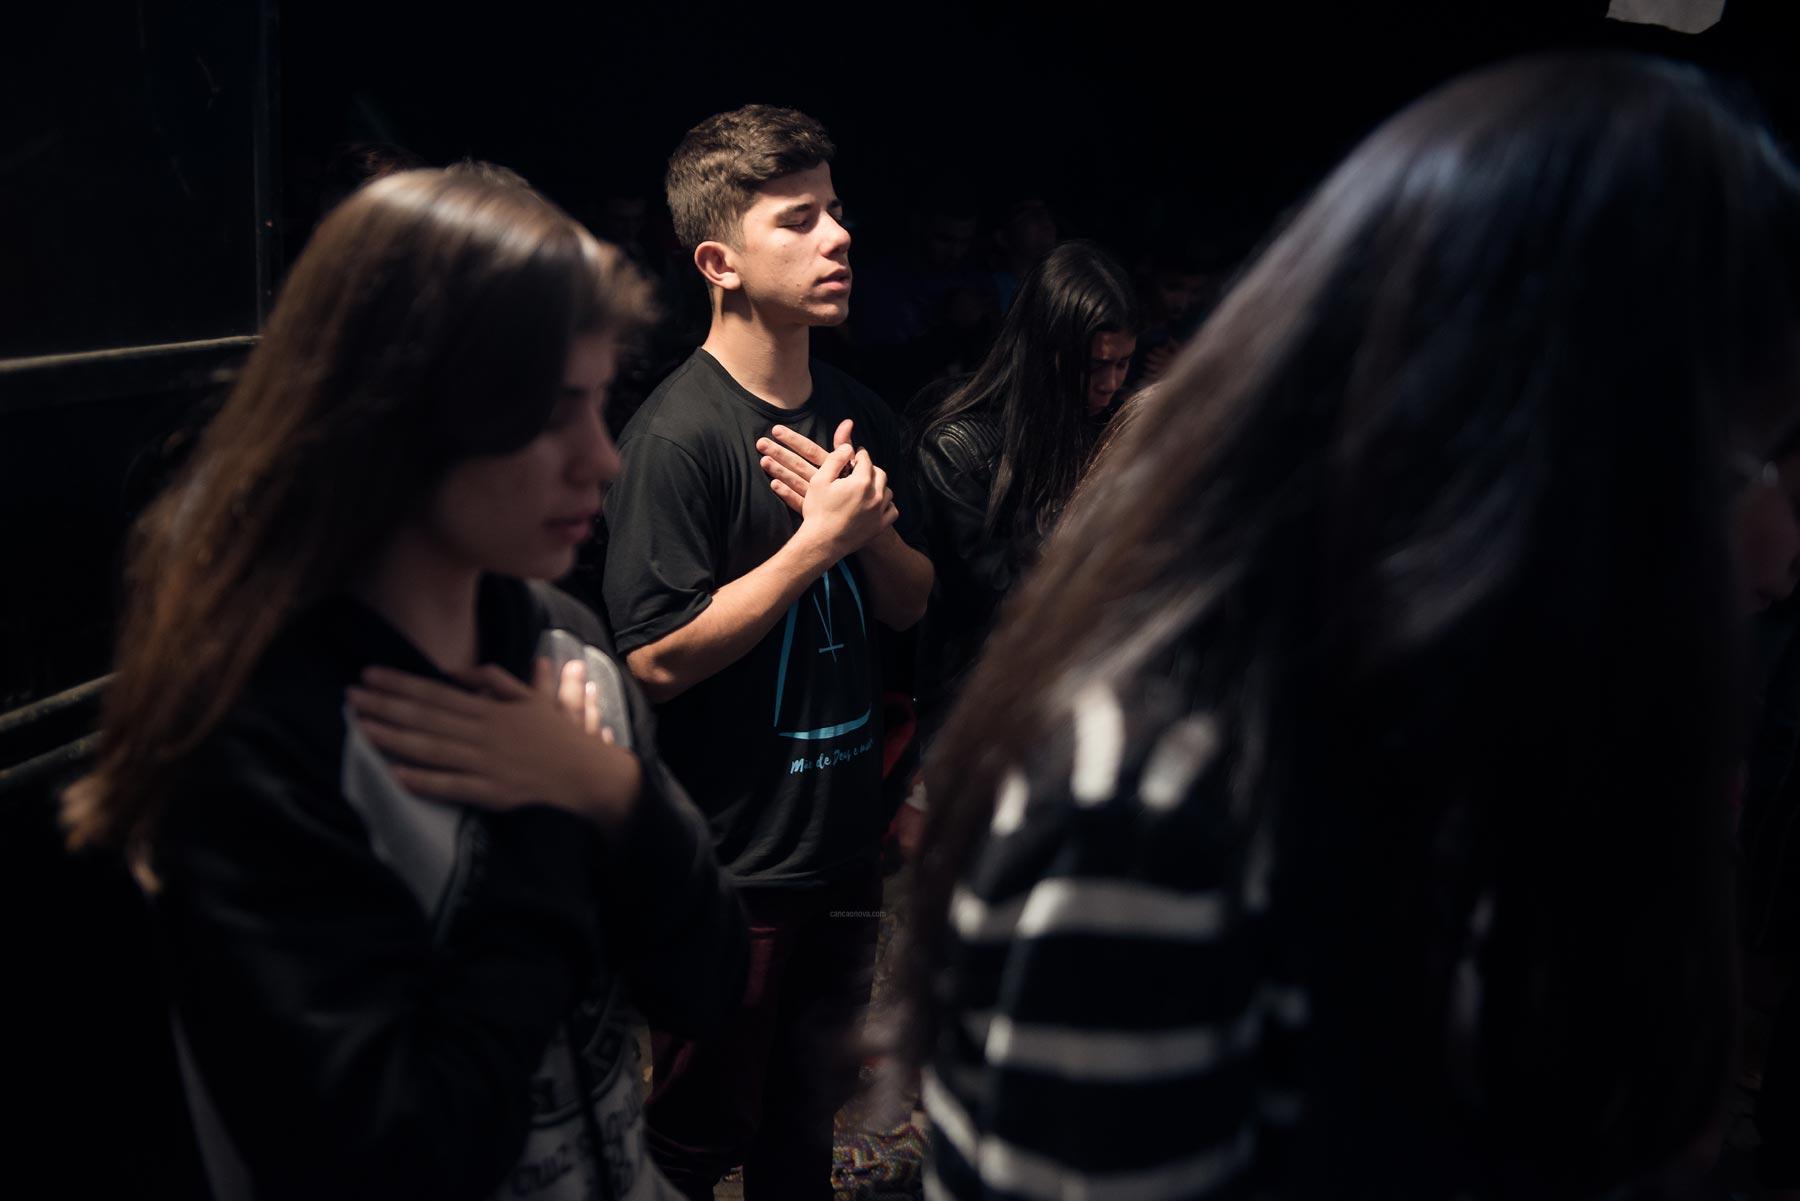 Chacara-santa-cruz--foto-Wesley-Almeida-(13)